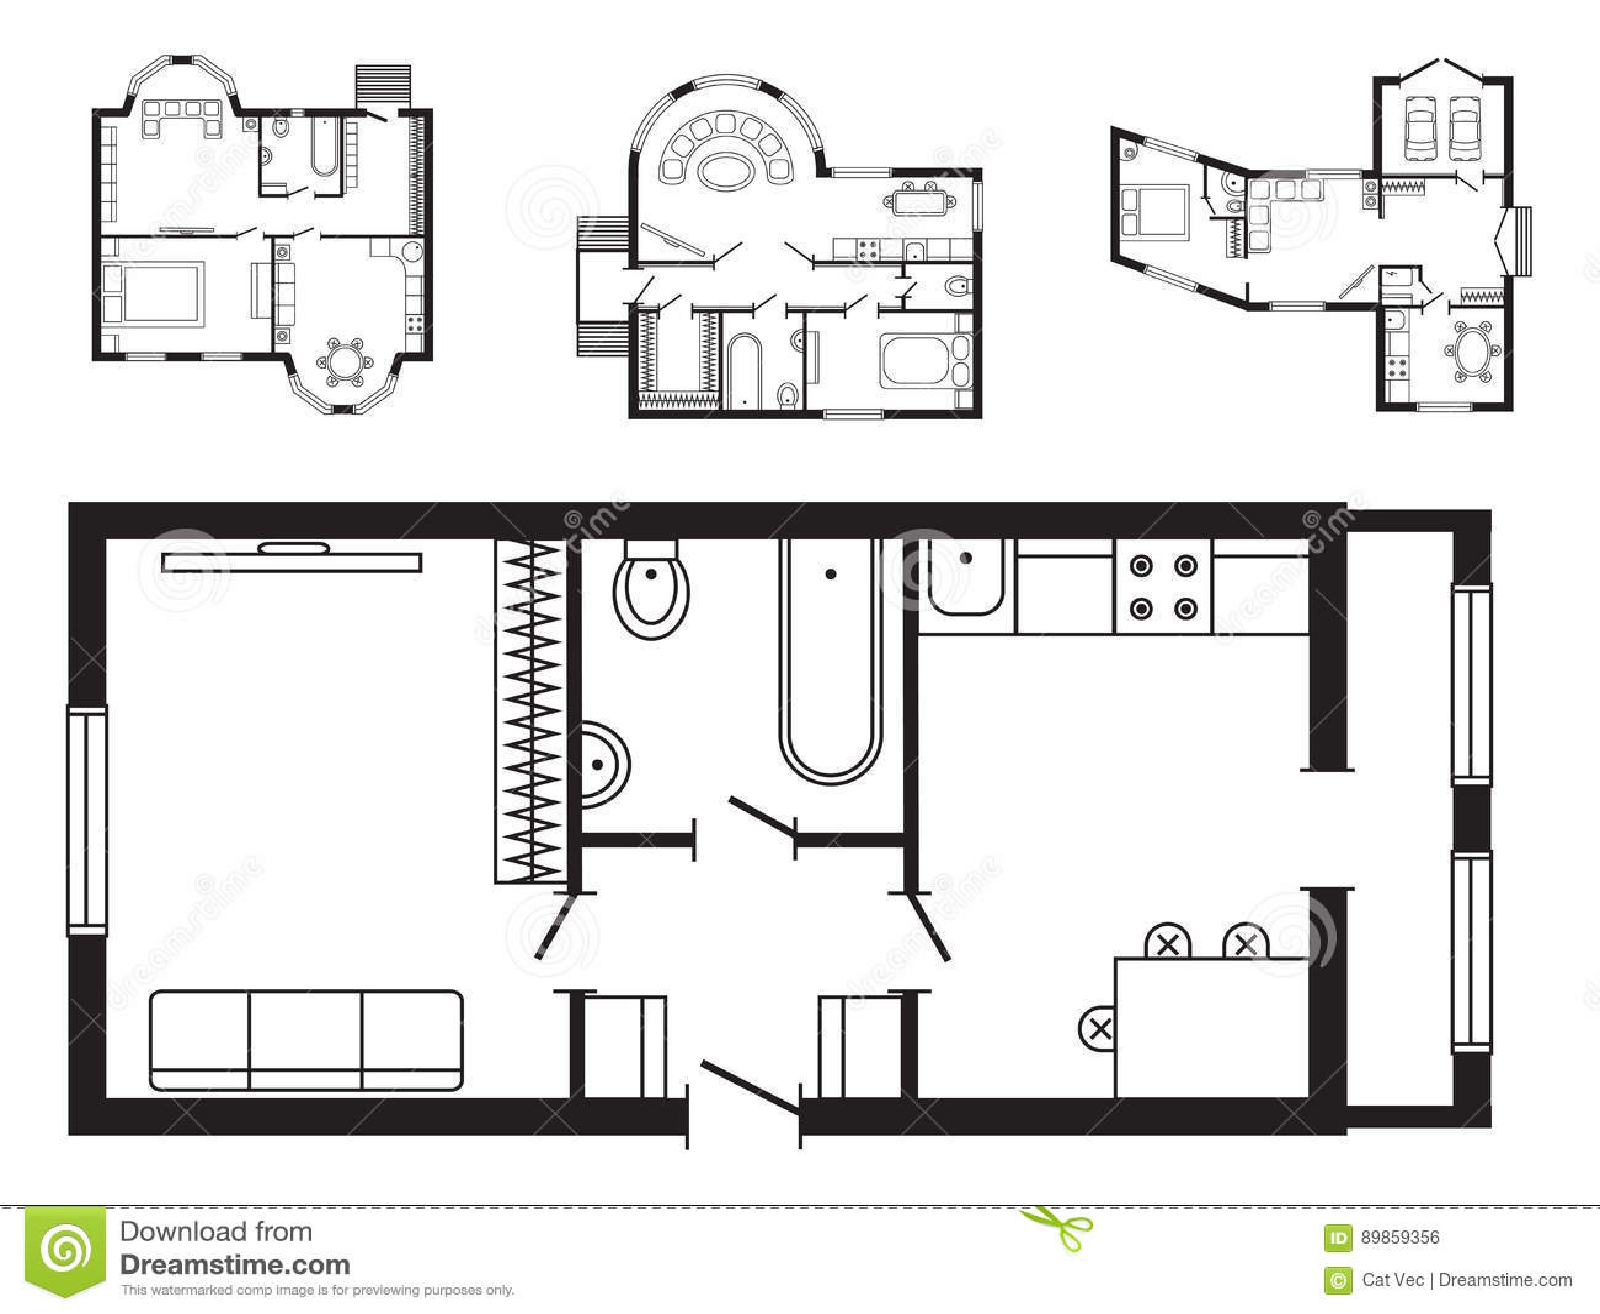 Los muebles del plan arquitect nico de la oficina y el for Dibujos de muebles para planos arquitectonicos